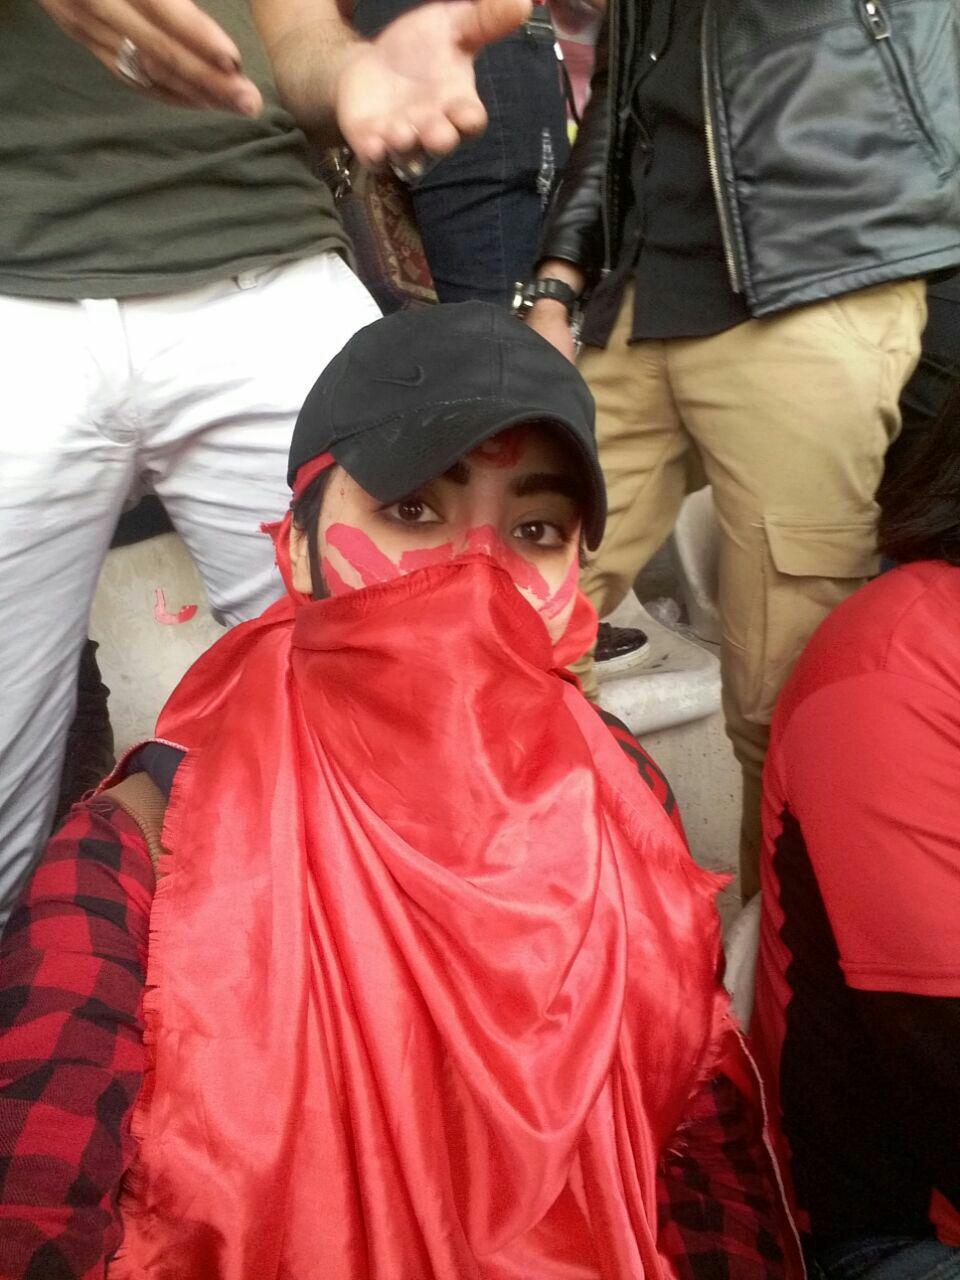 صحبتهای ممنوعه دختری که طعم حضور در استادیوم را چشید: نه منقلب شدم و نه اضطراب گرفتم!+عکس